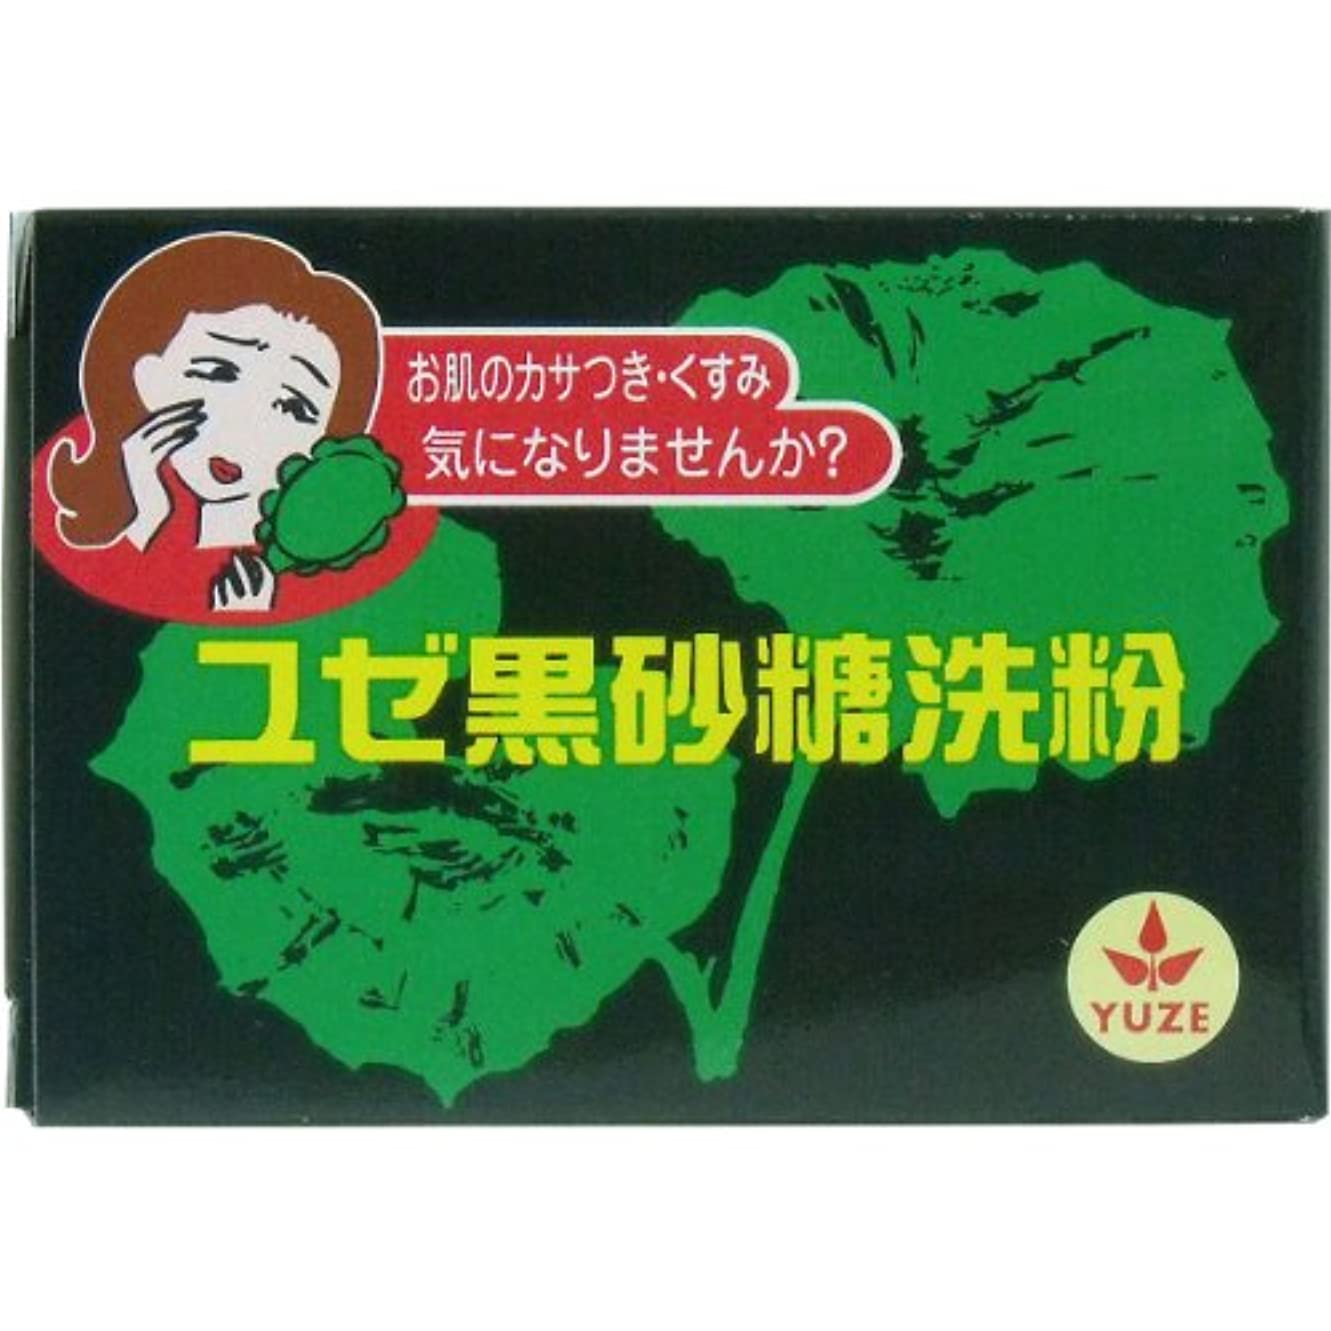 コンパニオンレバーのりユゼ 黒砂糖洗粉 75g × 10個セット